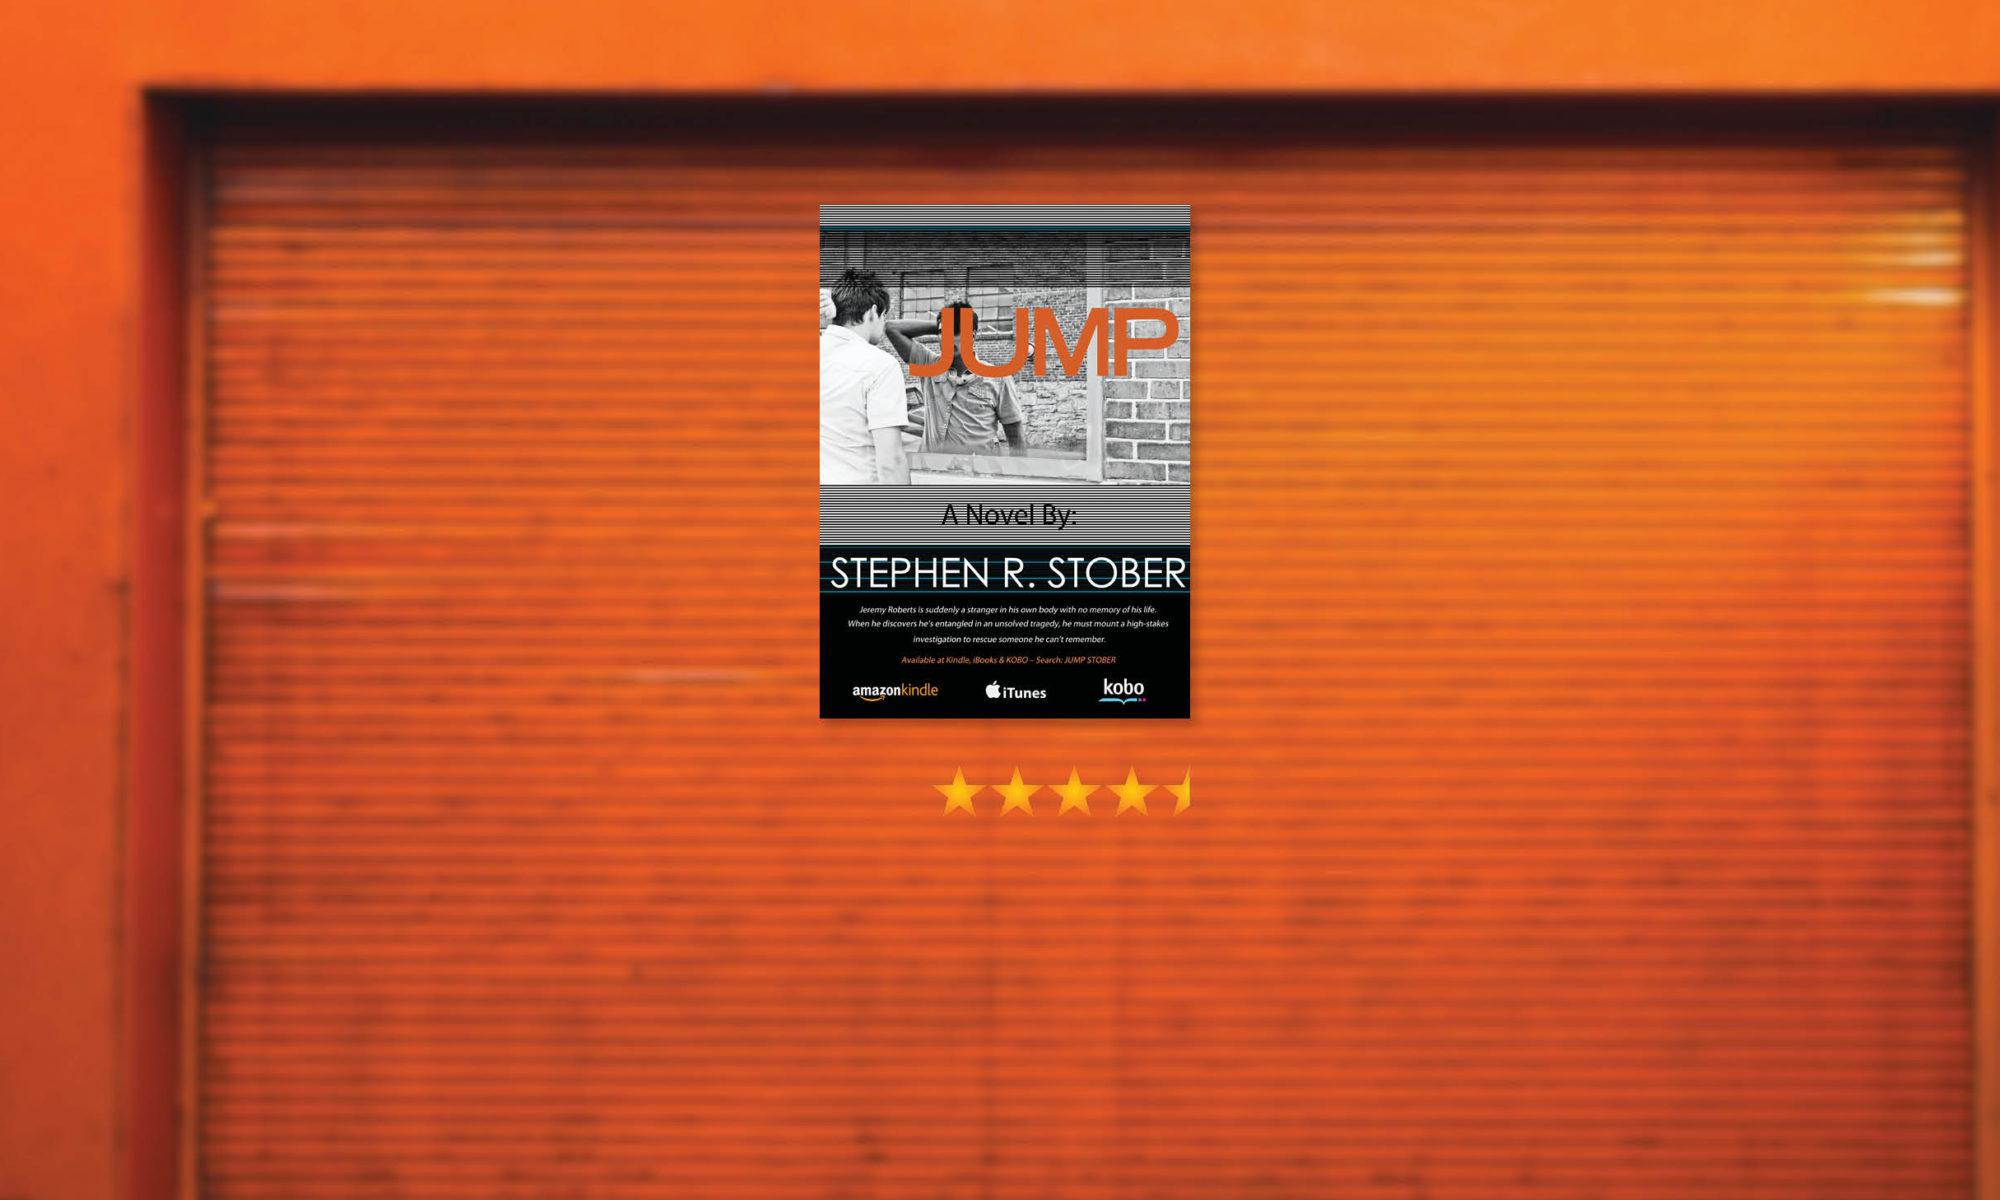 Stephen R. Stober Books